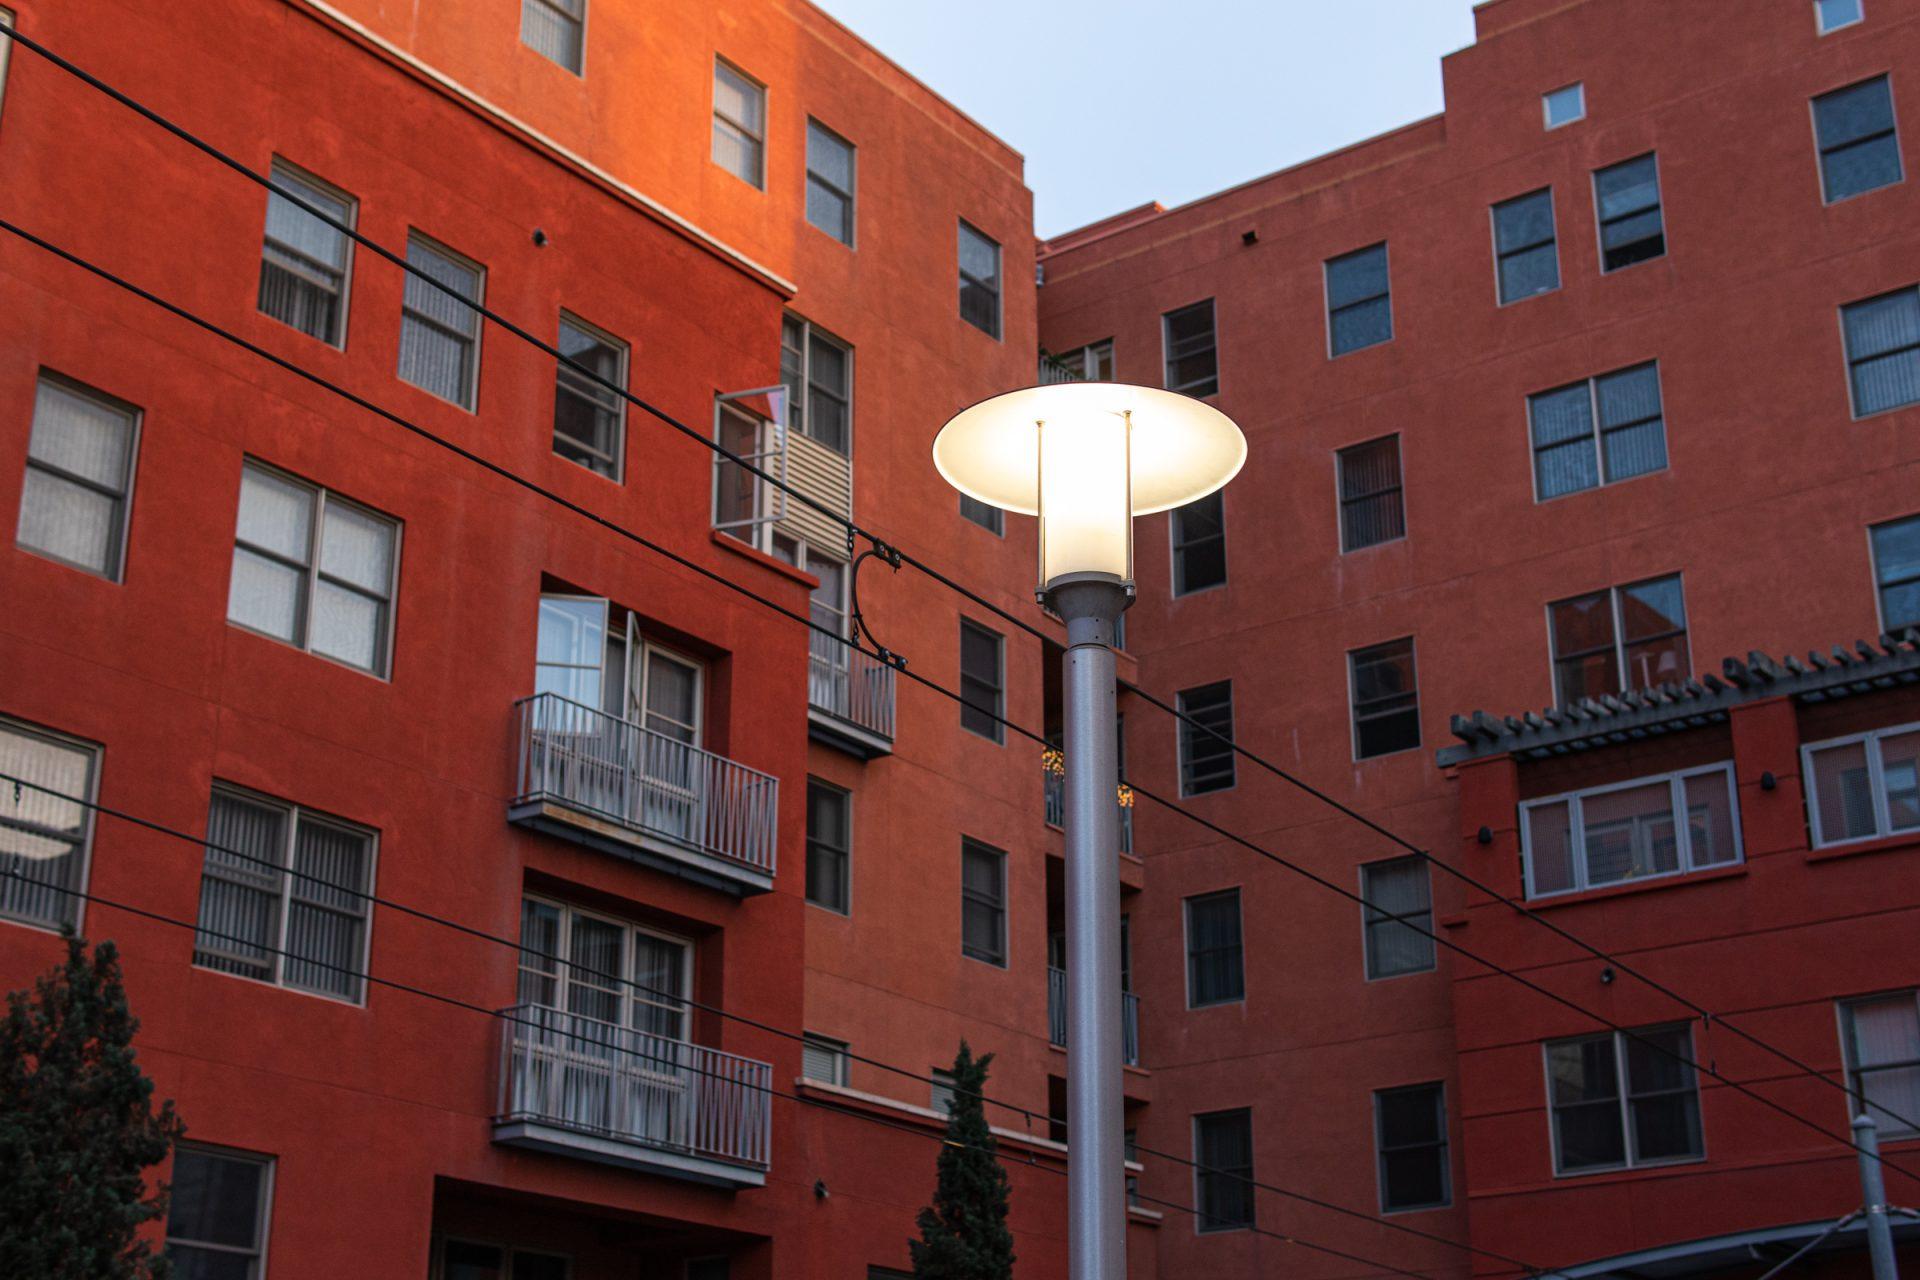 Red Orange Buildings Behind Lit Street Light